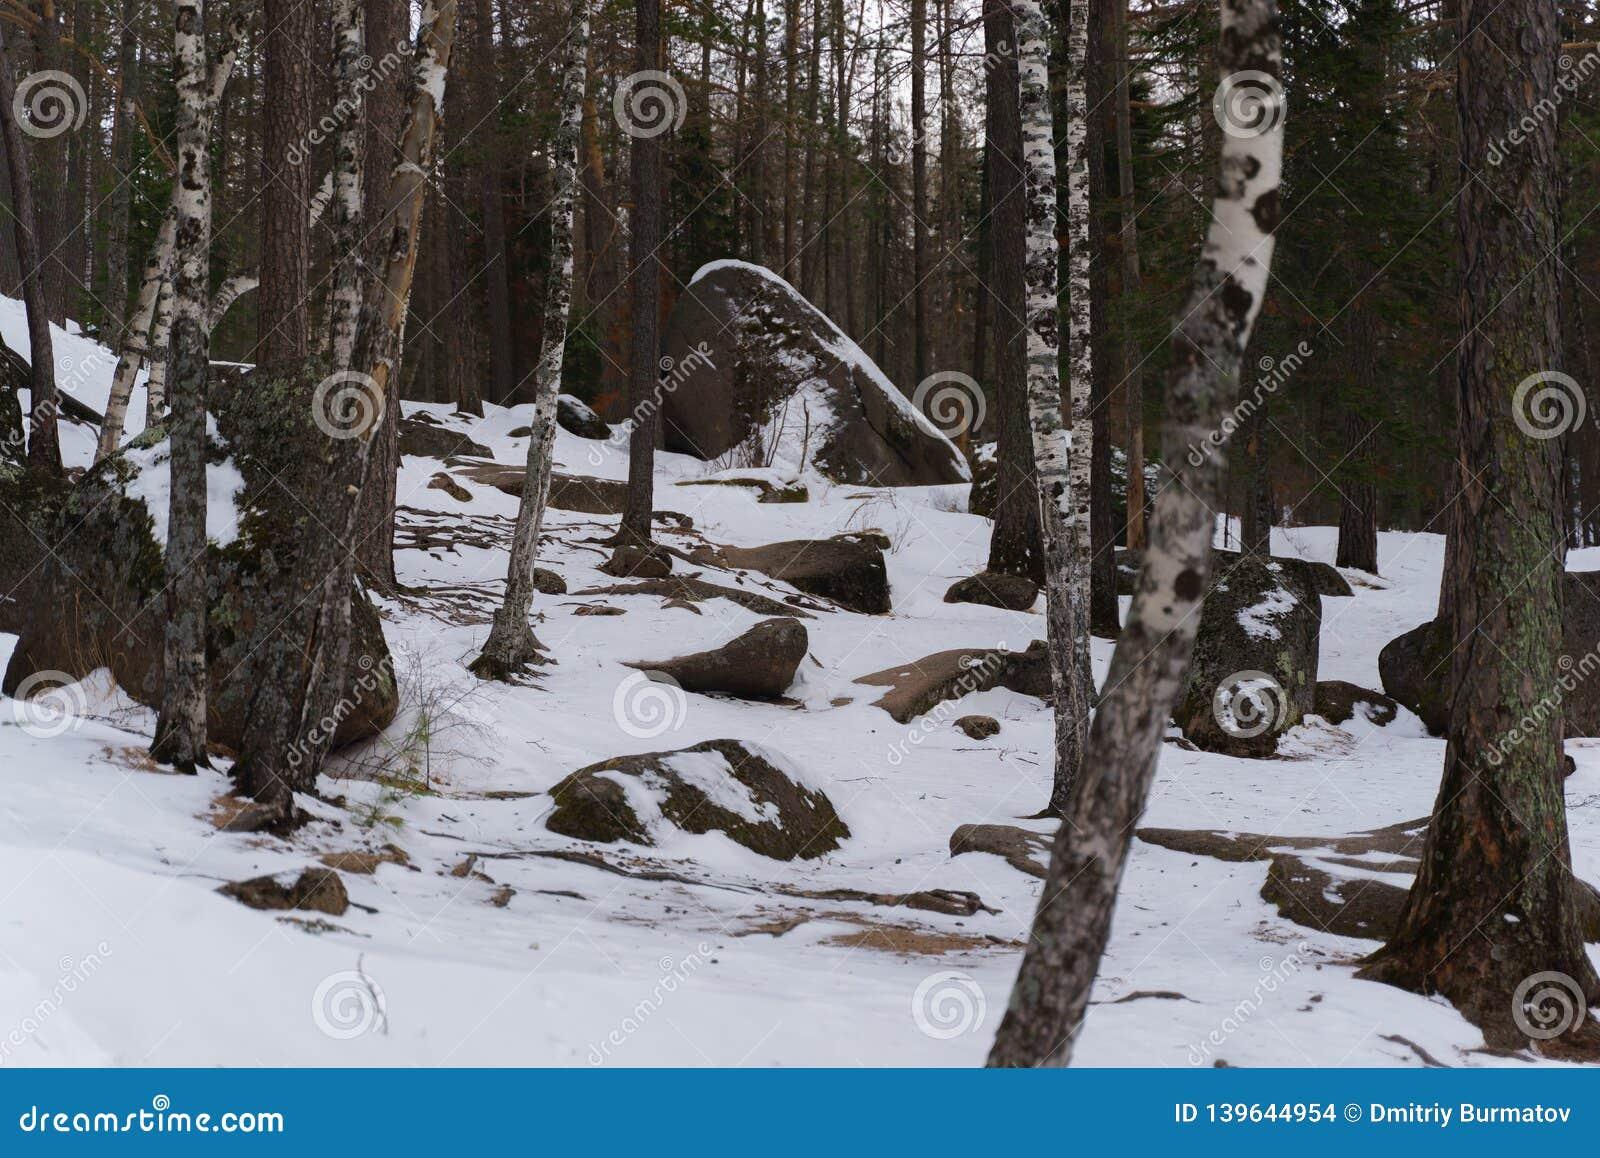 Τεράστιοι λίθοι και πέτρες στη μέση ενός χιονώδους δάσους